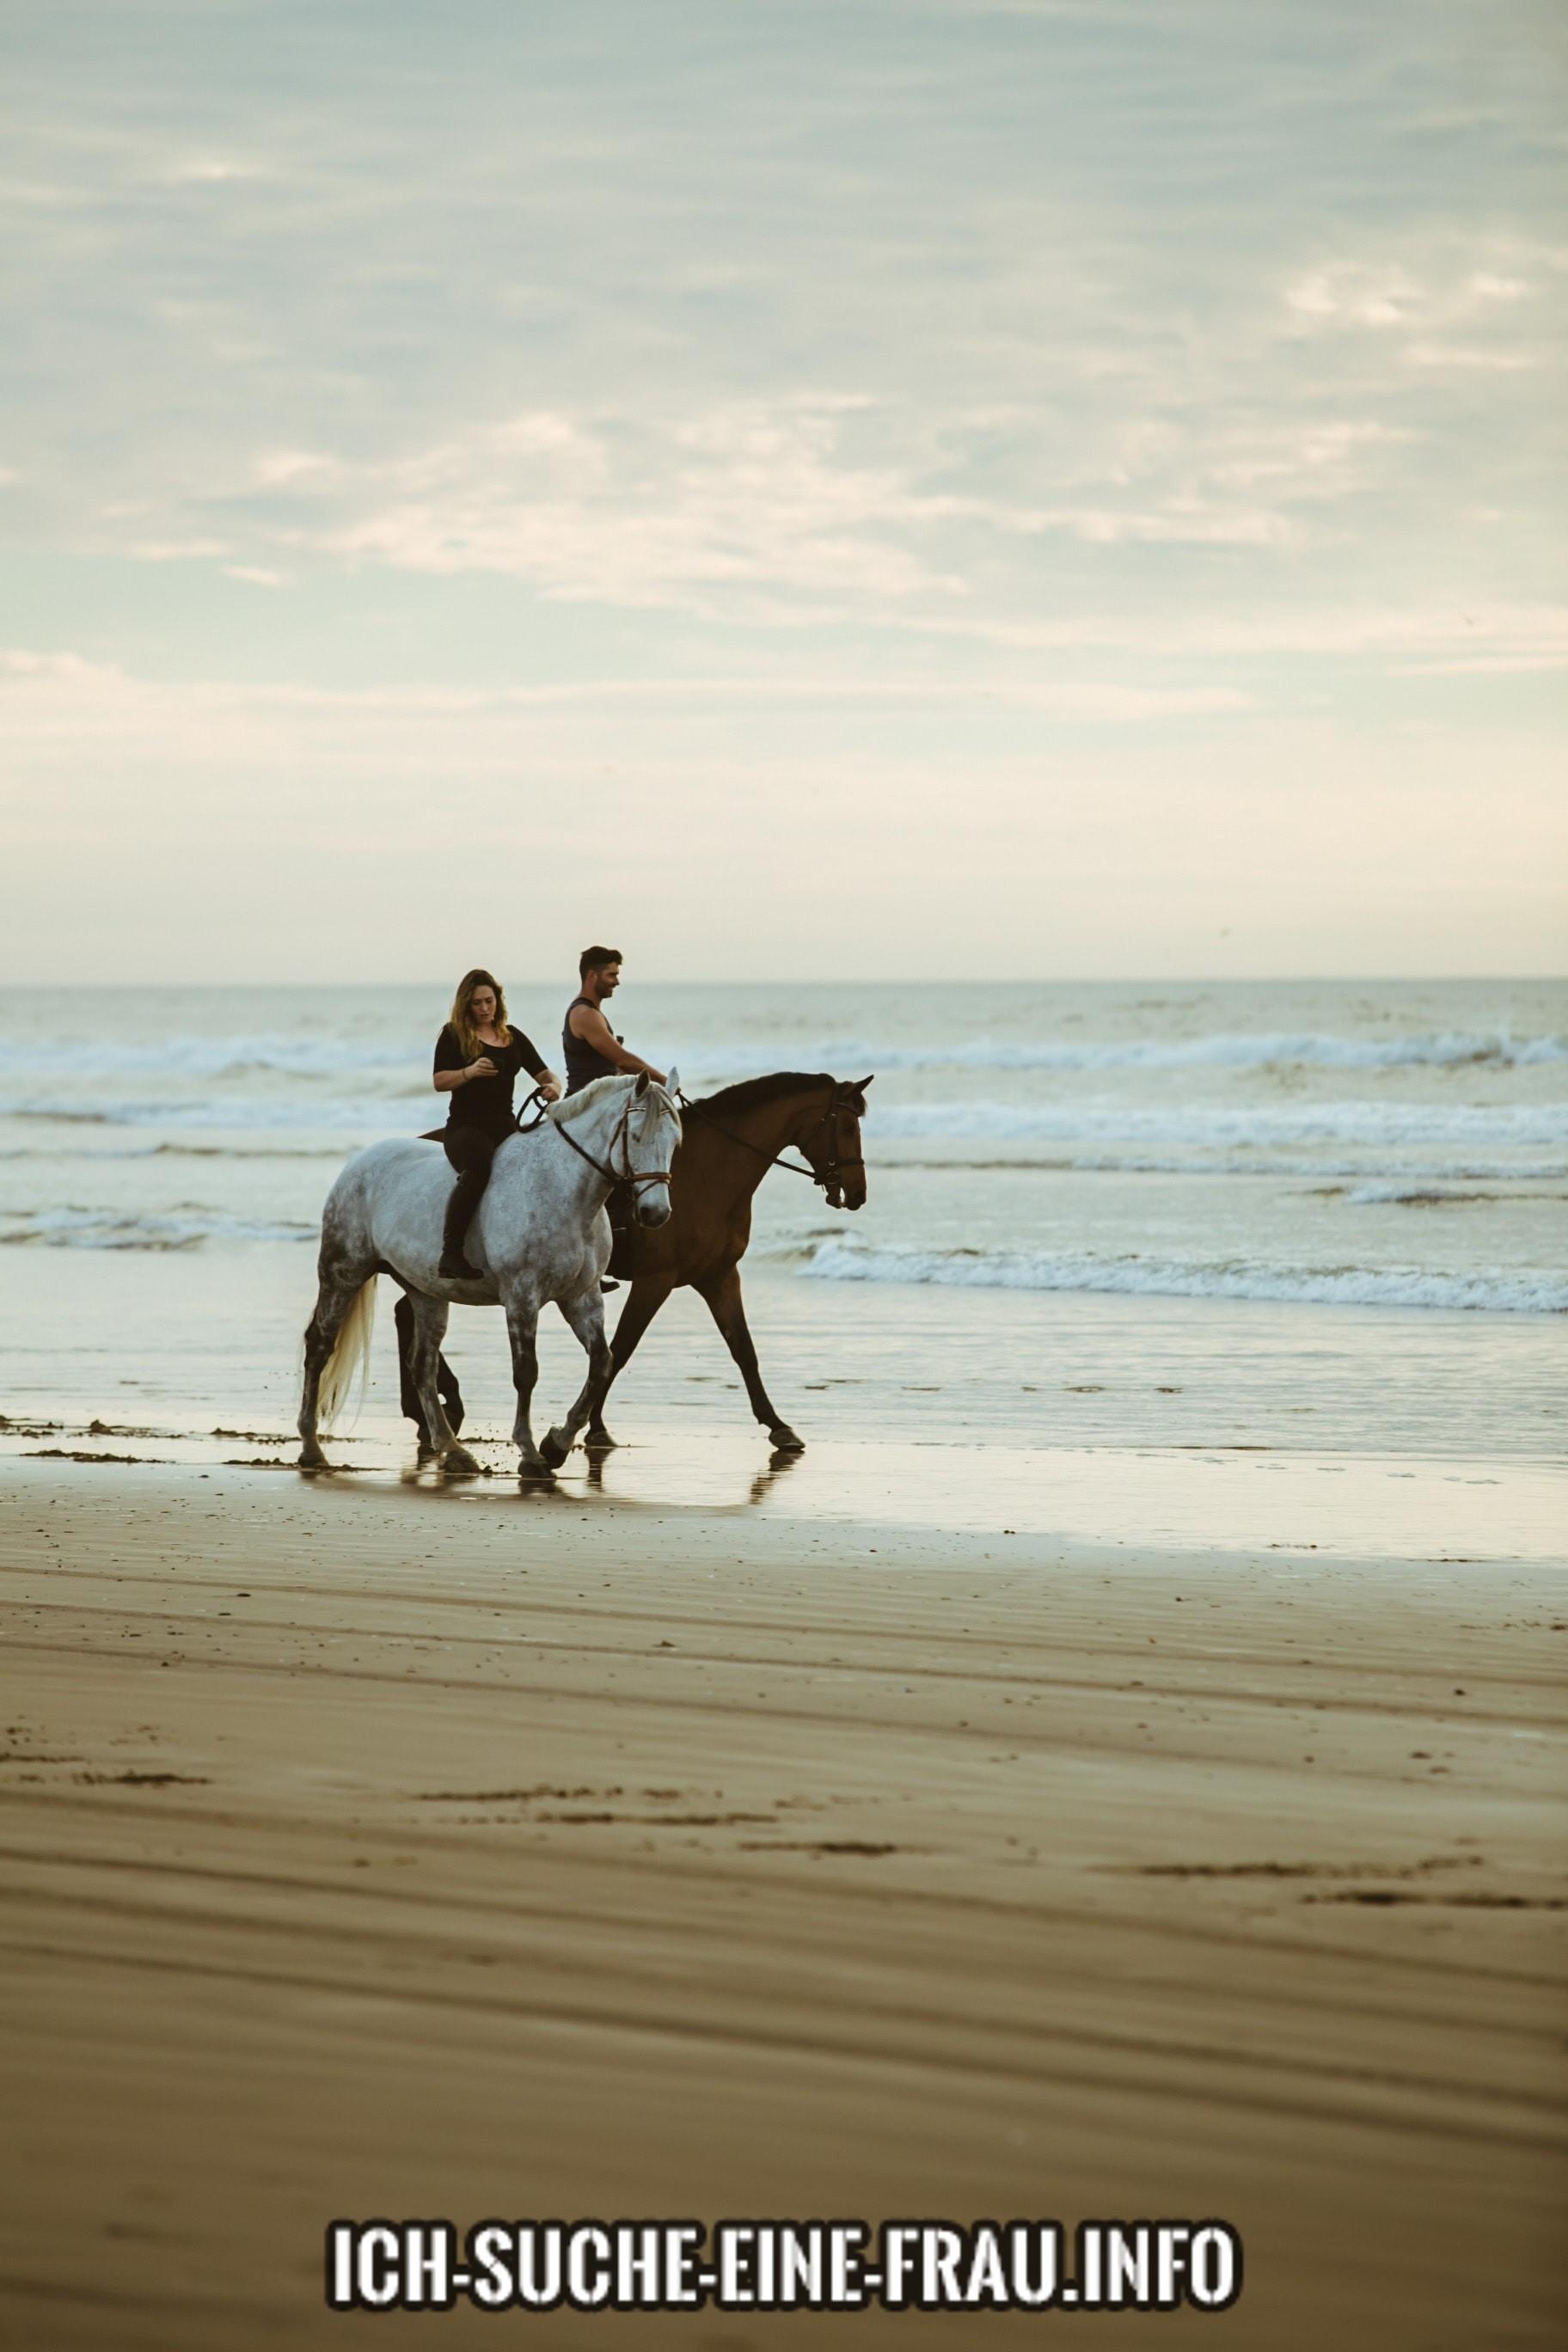 Suche pferdebegeisterte Frau